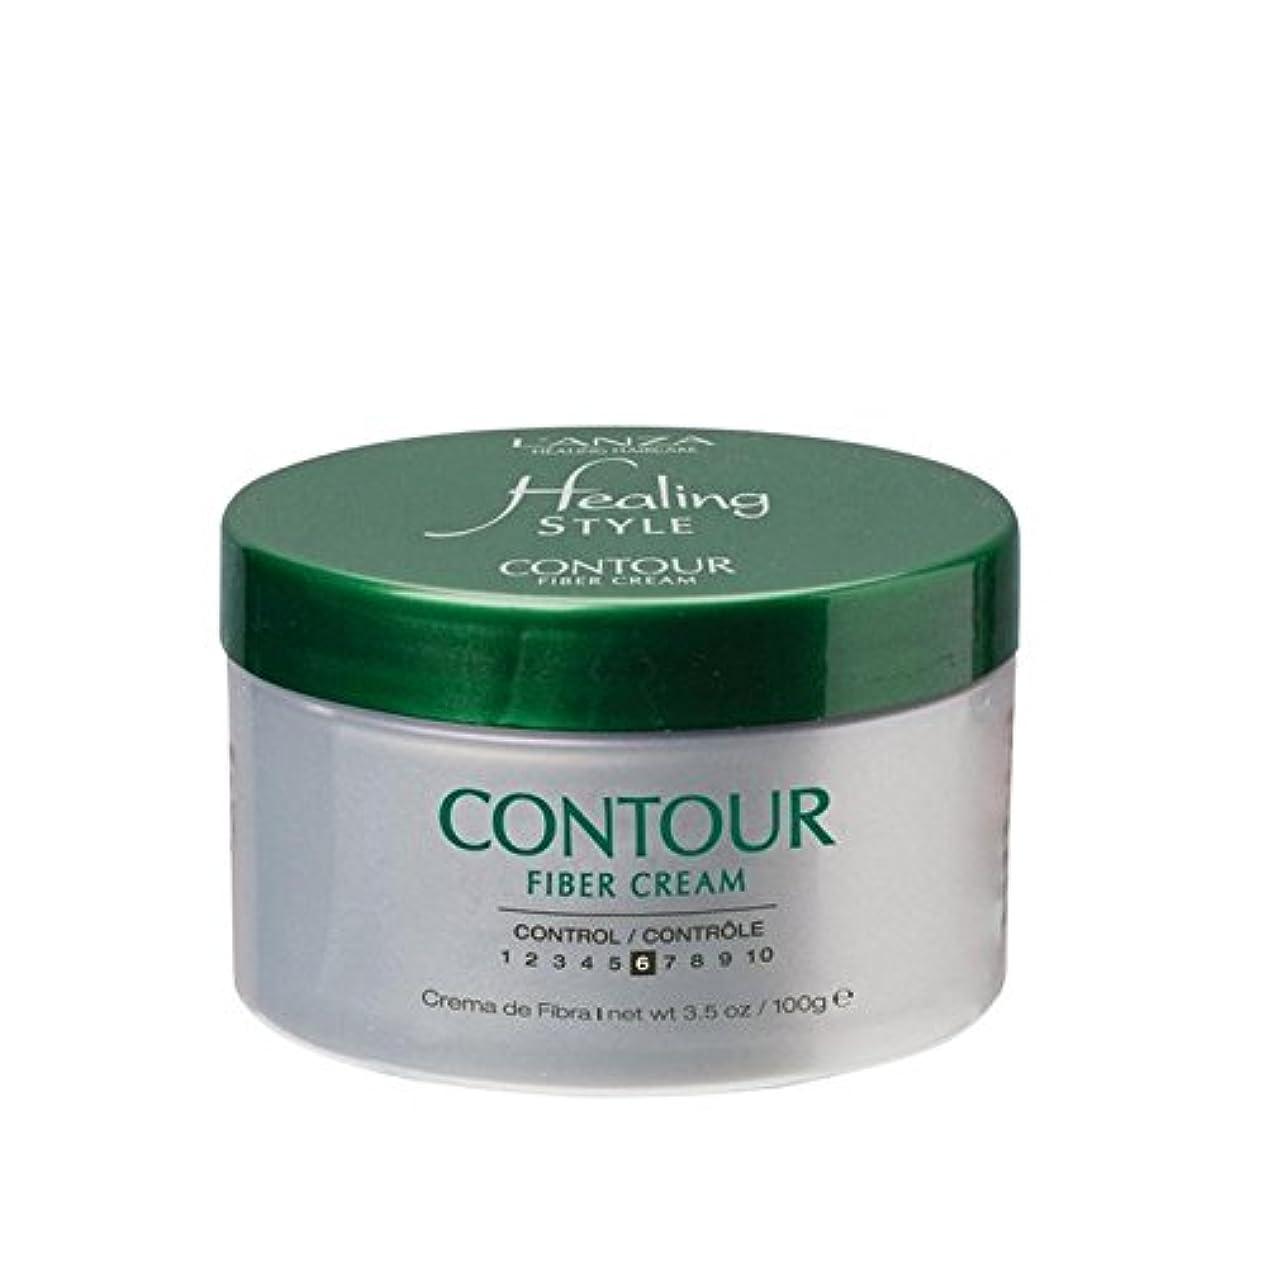 よろめくダイヤルくそーアンザ癒しのスタイル輪郭繊維クリーム(100グラム) x4 - L'Anza Healing Style Contour Fiber Cream (100G) (Pack of 4) [並行輸入品]